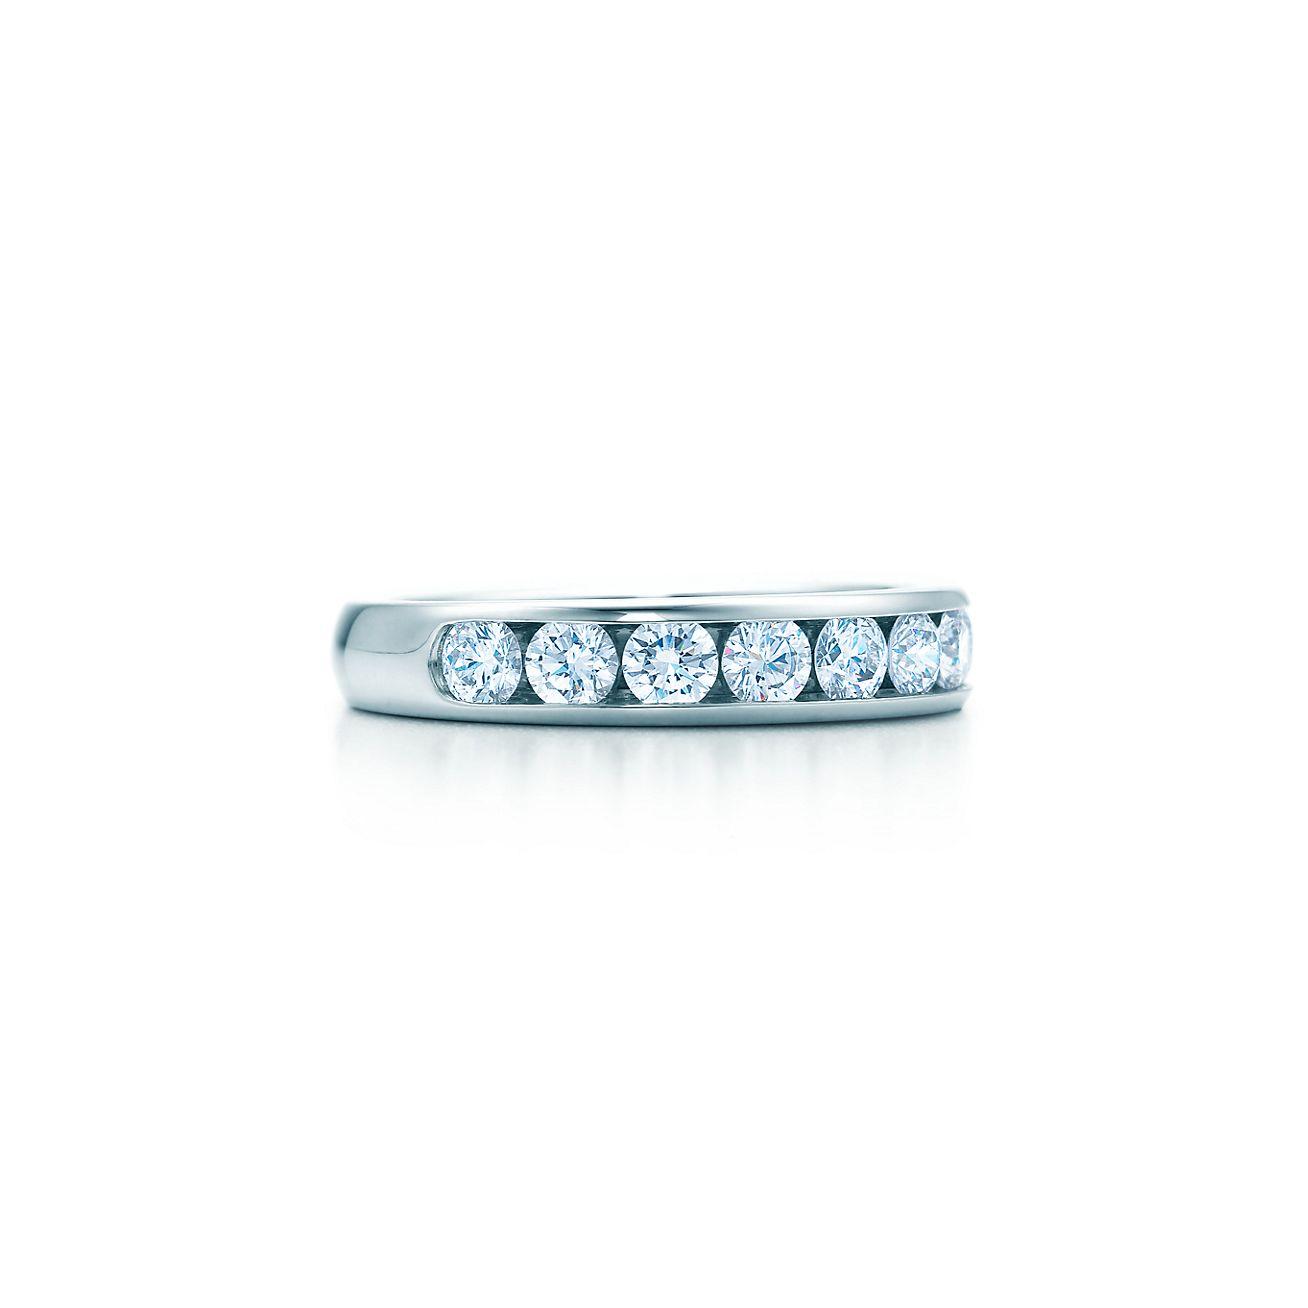 tiffany diamond wedding band - Tiffany Wedding Ring